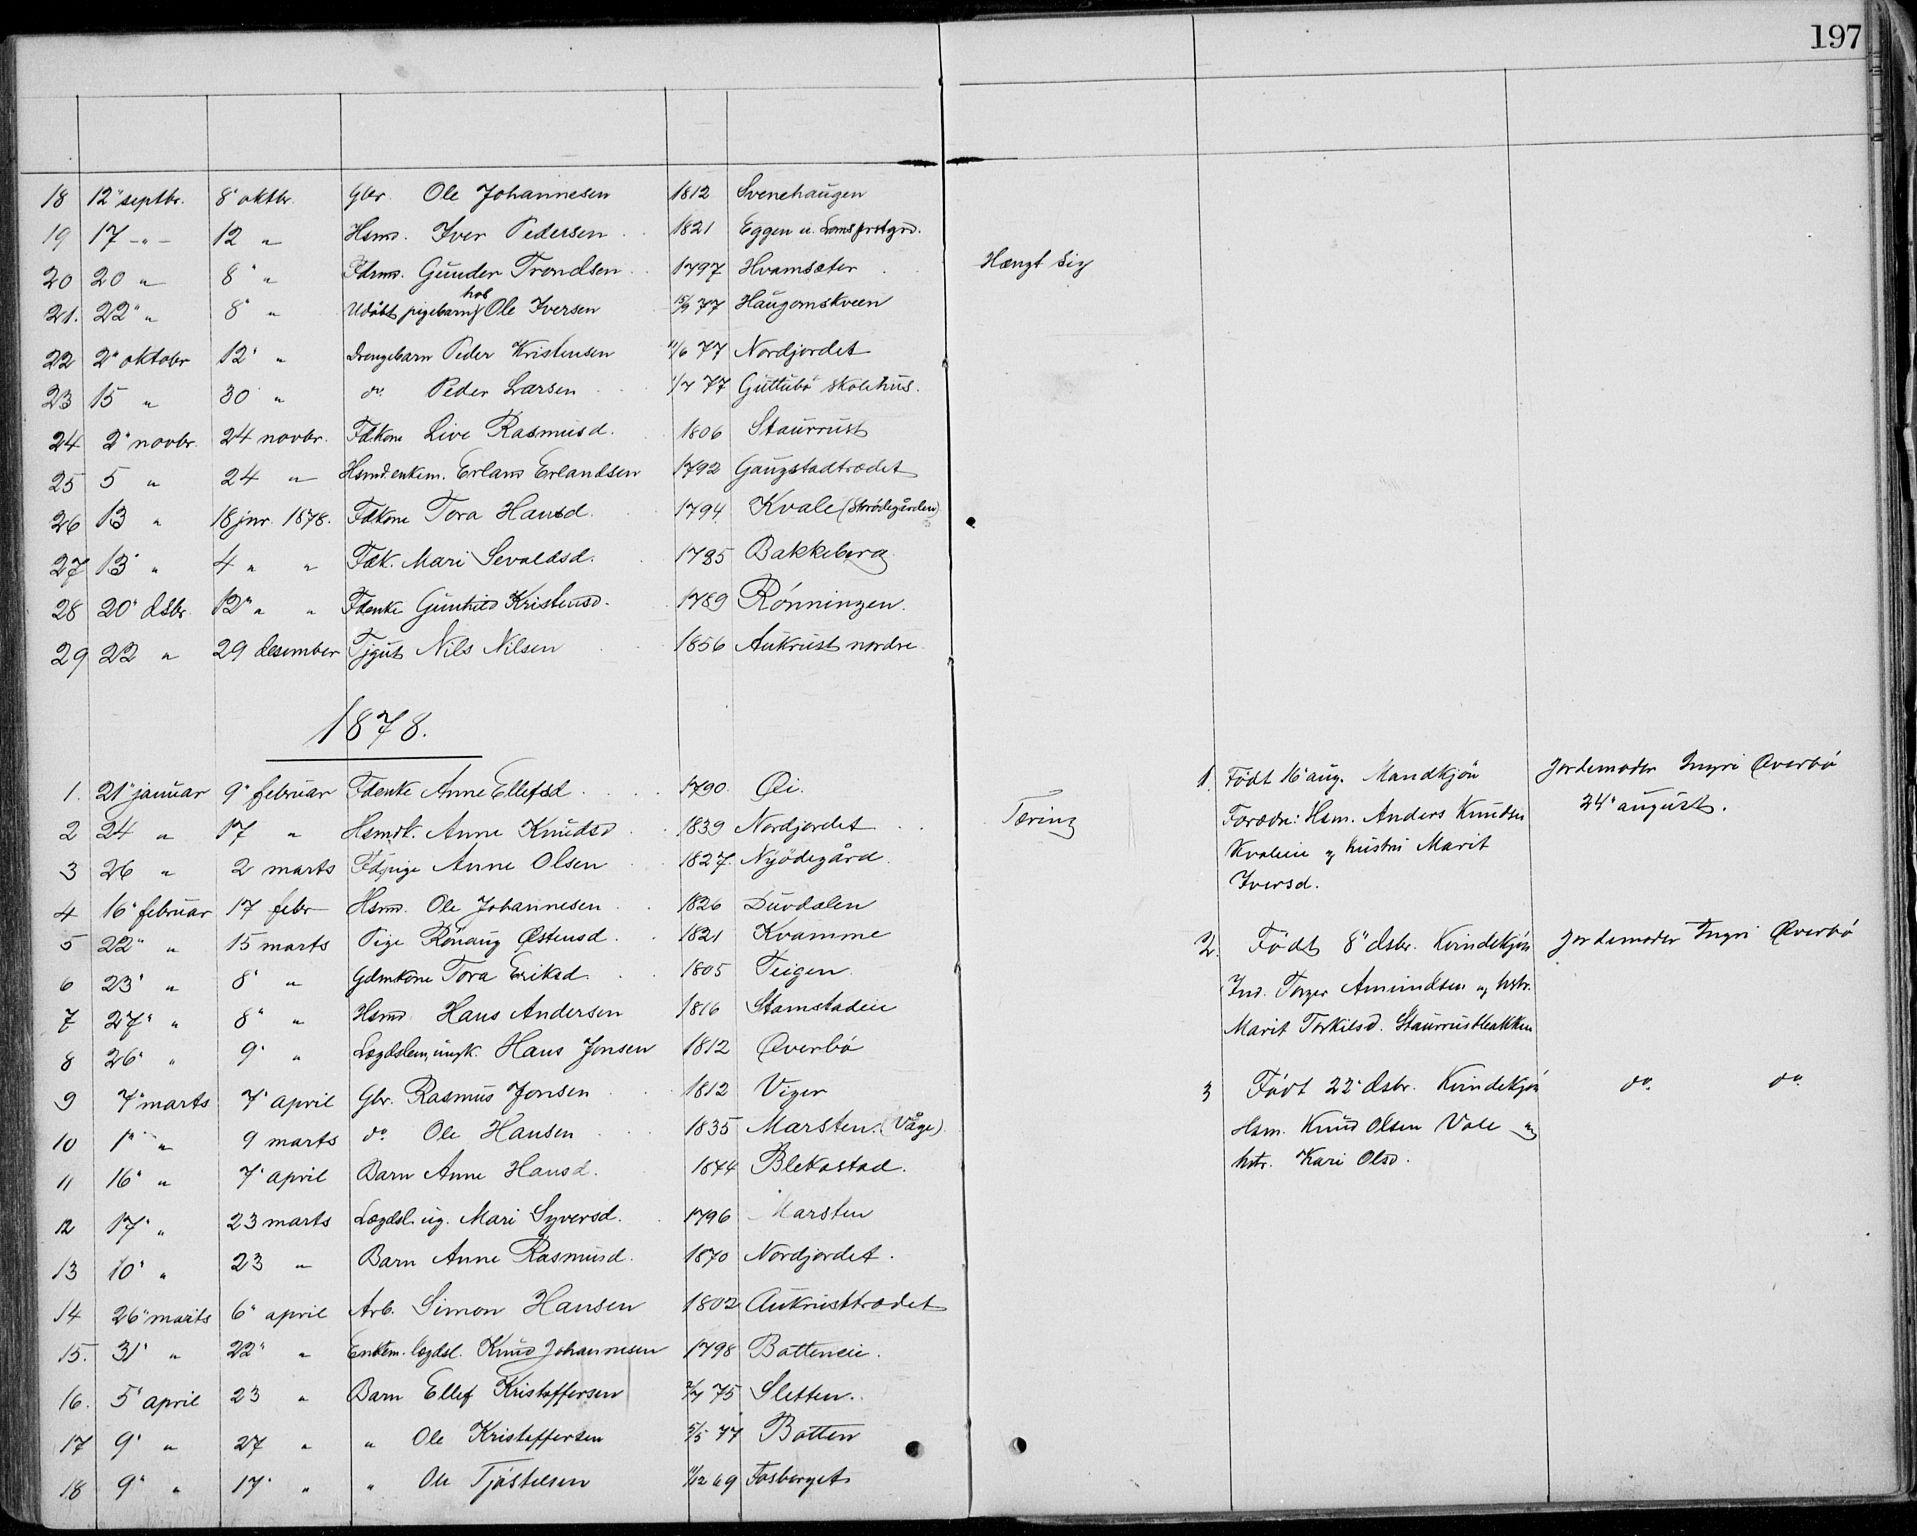 SAH, Lom prestekontor, L/L0013: Klokkerbok nr. 13, 1874-1938, s. 197